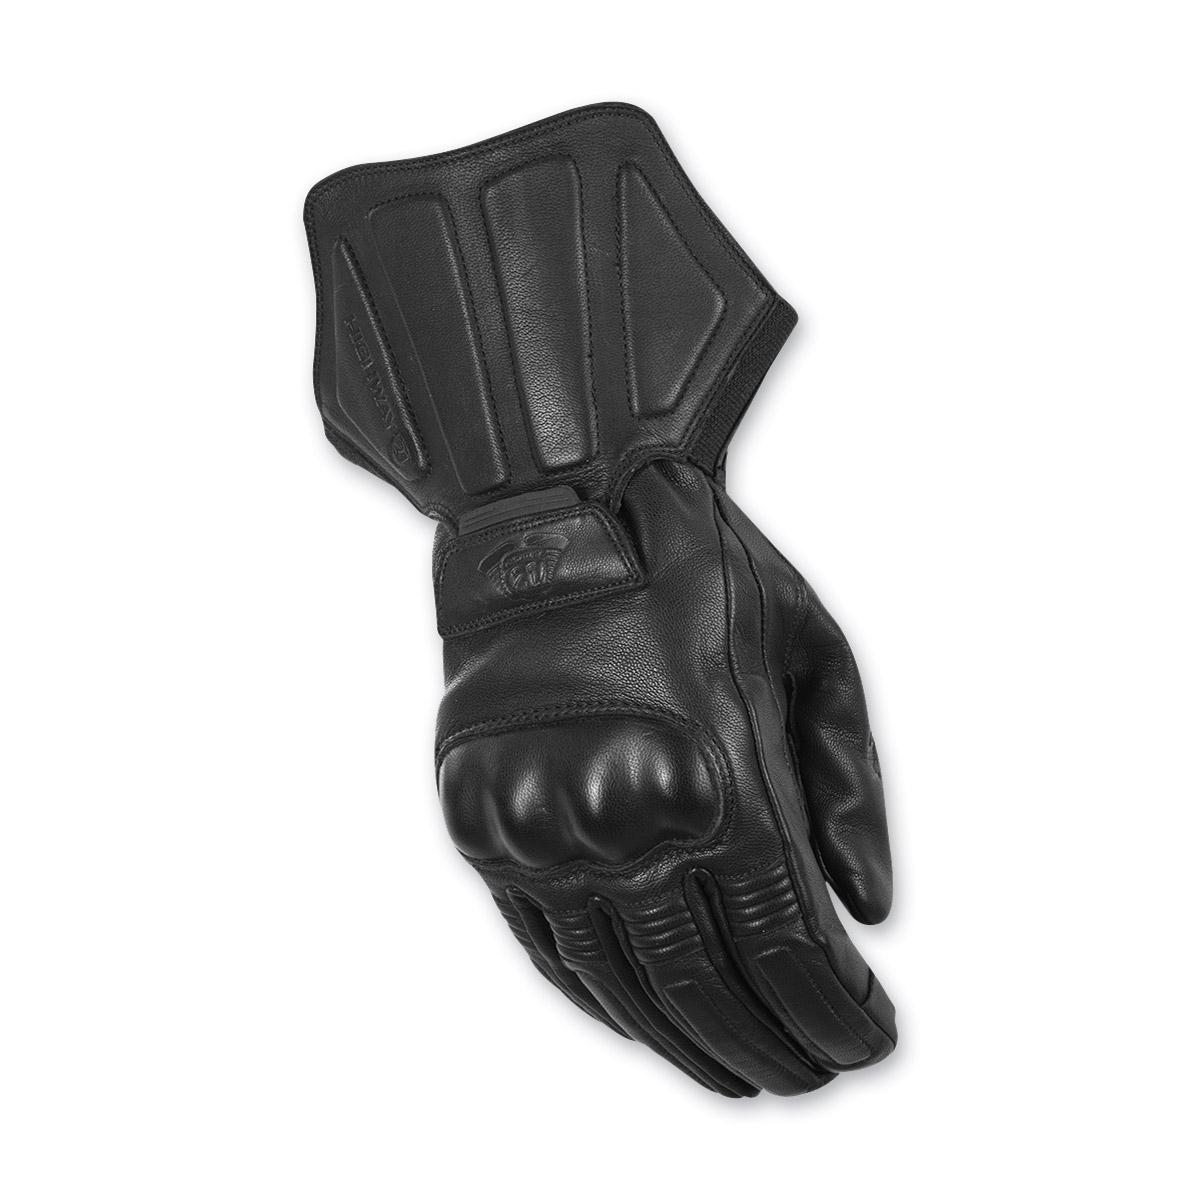 Highway 21 Men's Deflector Black Leather Gloves